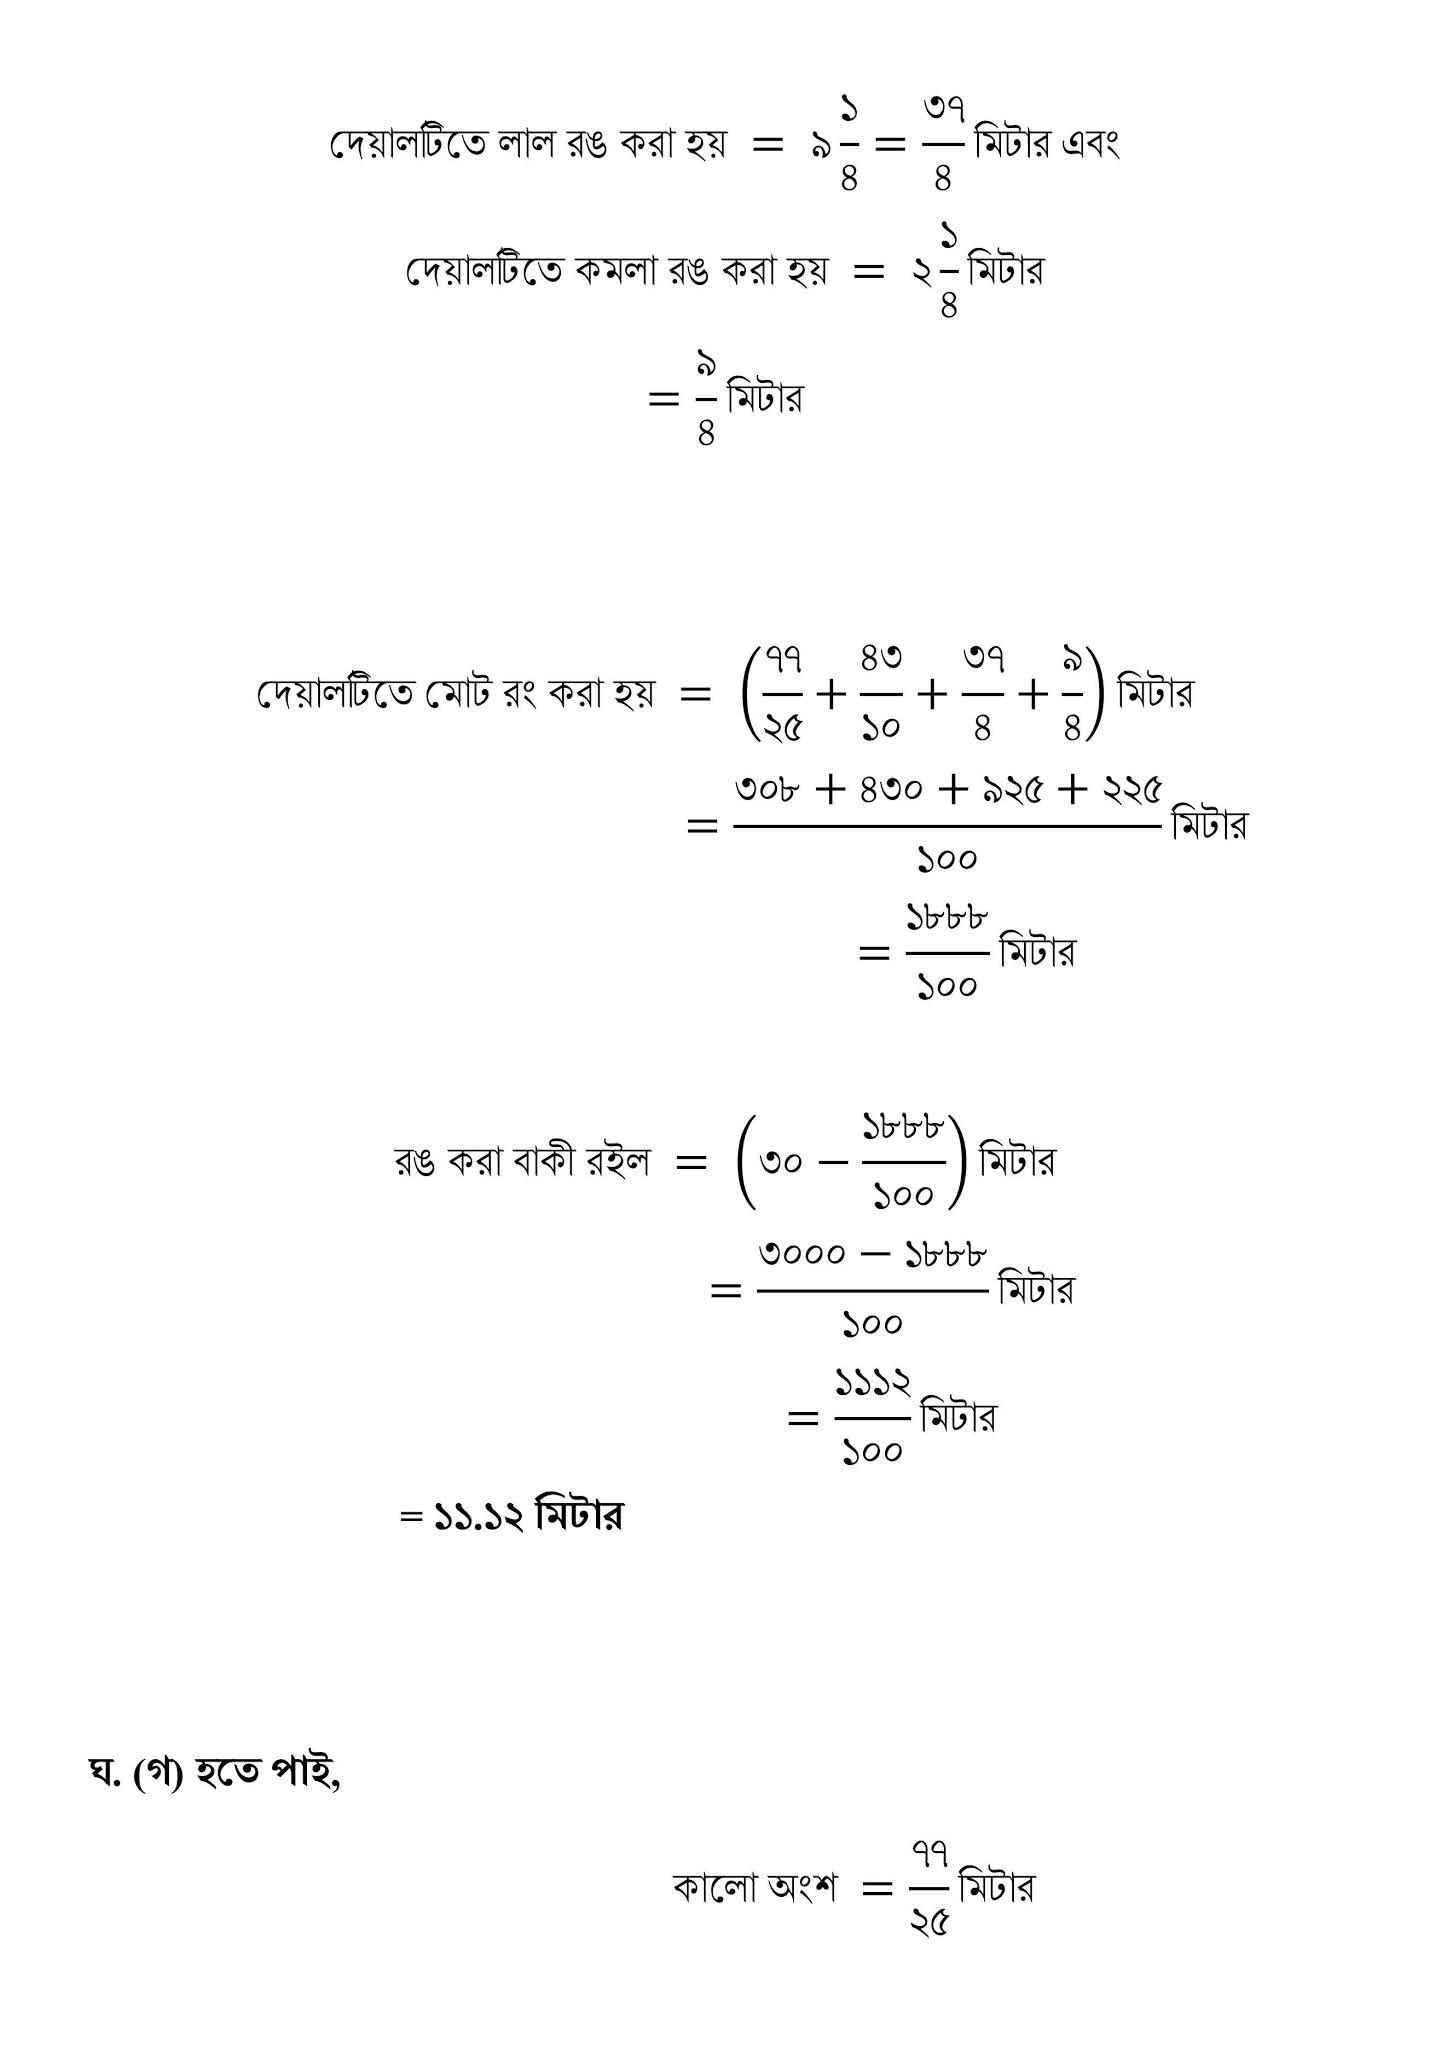 ষষ্ঠ/৬ষ্ট শ্রেণির ৭ম সপ্তাহের গণিত এসাইনমেন্ট সমাধান /উত্তর ২০২১ -Class 6 Math 7th Week Assignment Answer 2021